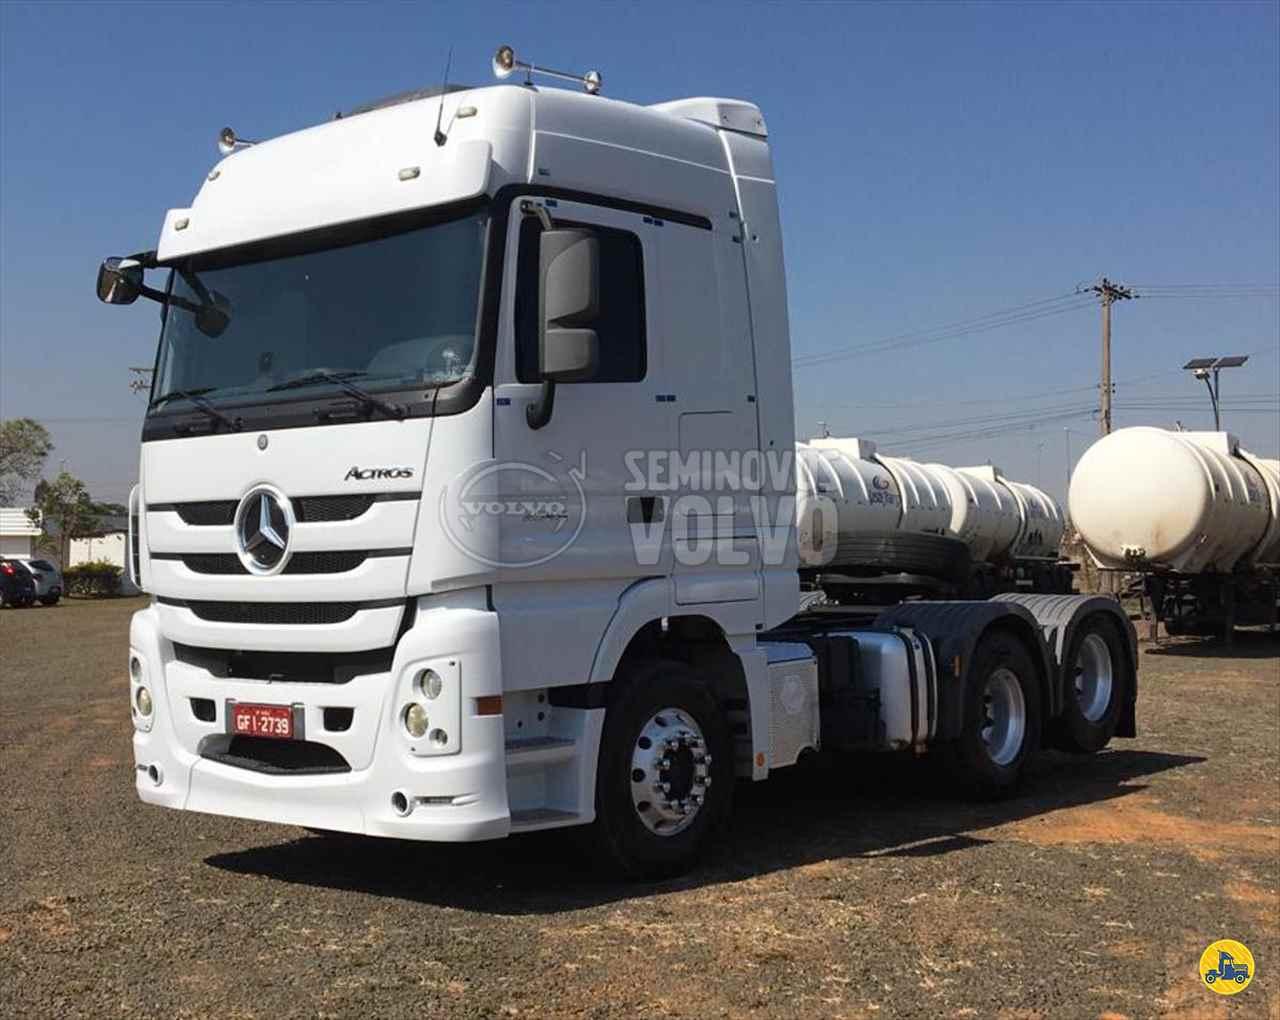 CAMINHAO MERCEDES-BENZ MB 2546 Cavalo Mecânico Truck 6x2 SEMINOVOS VOLVO CURITIBA PARANÁ PR